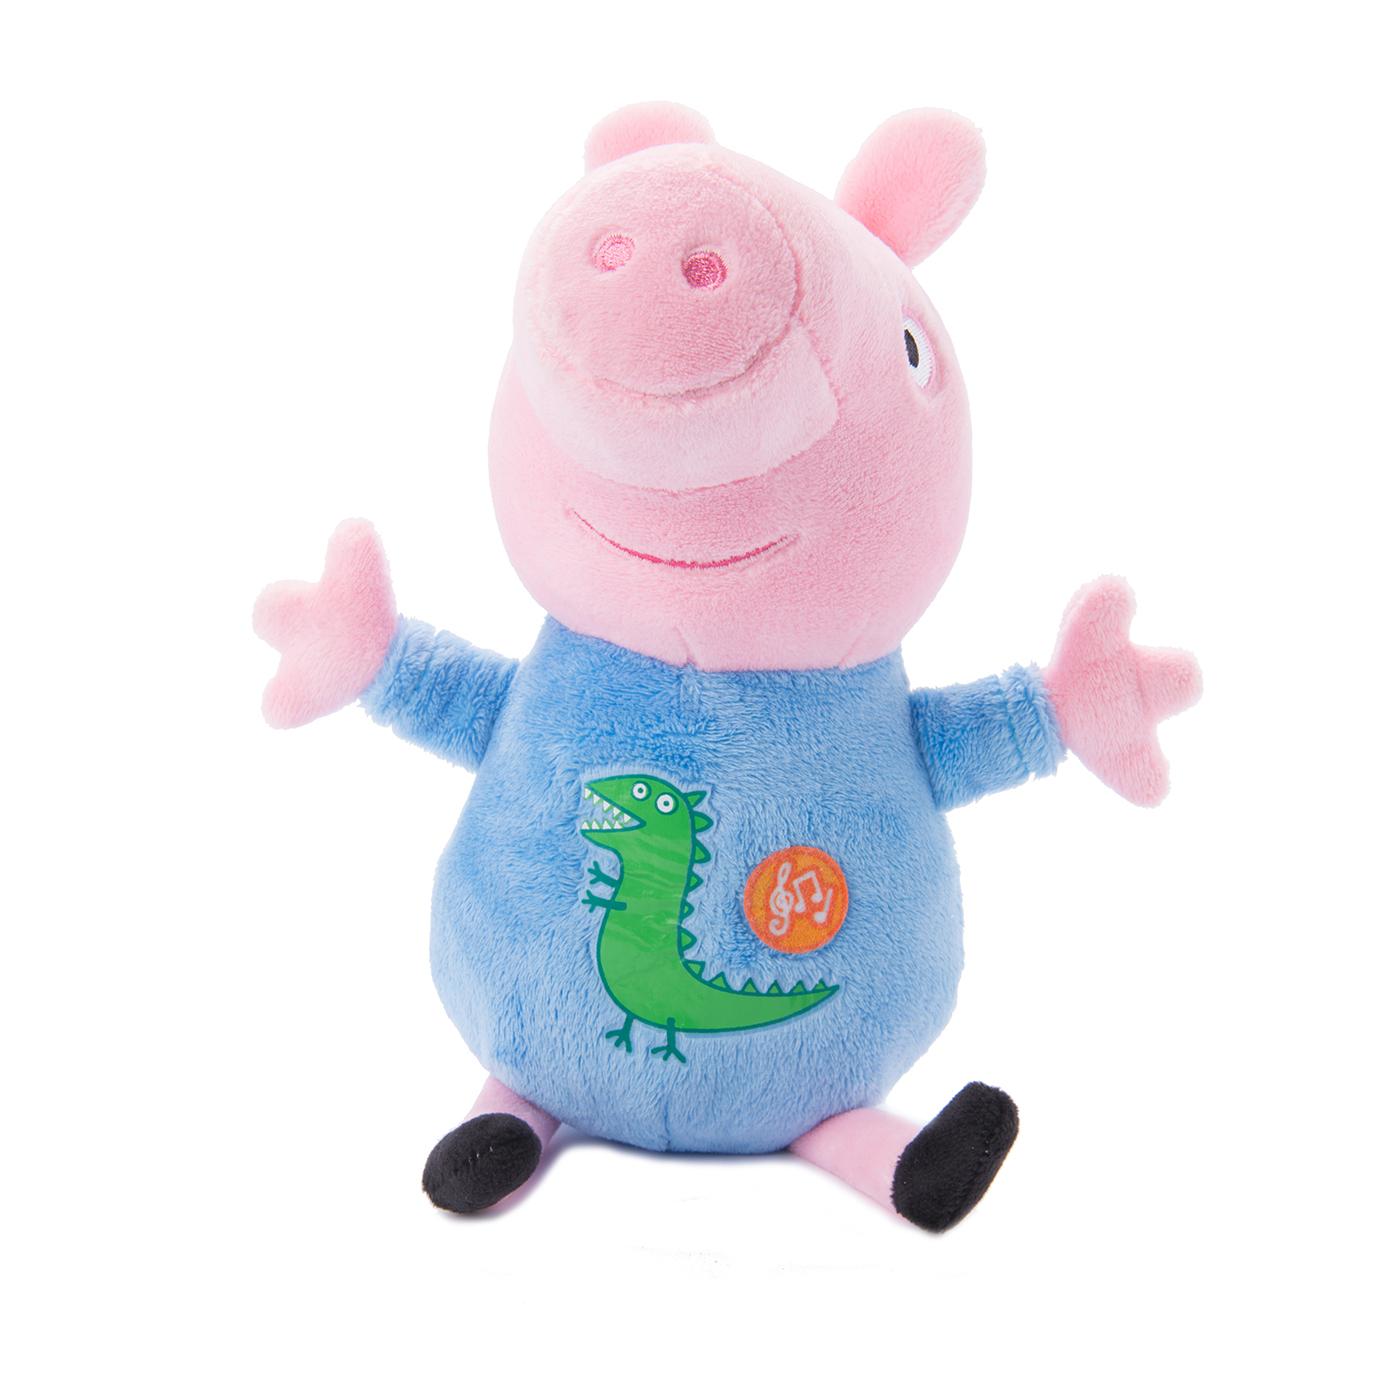 Мягкая игрушка Peppa Pig: Джордж со звуком (25 см) peppa pig мягкая игрушка джордж с динозавром 40см